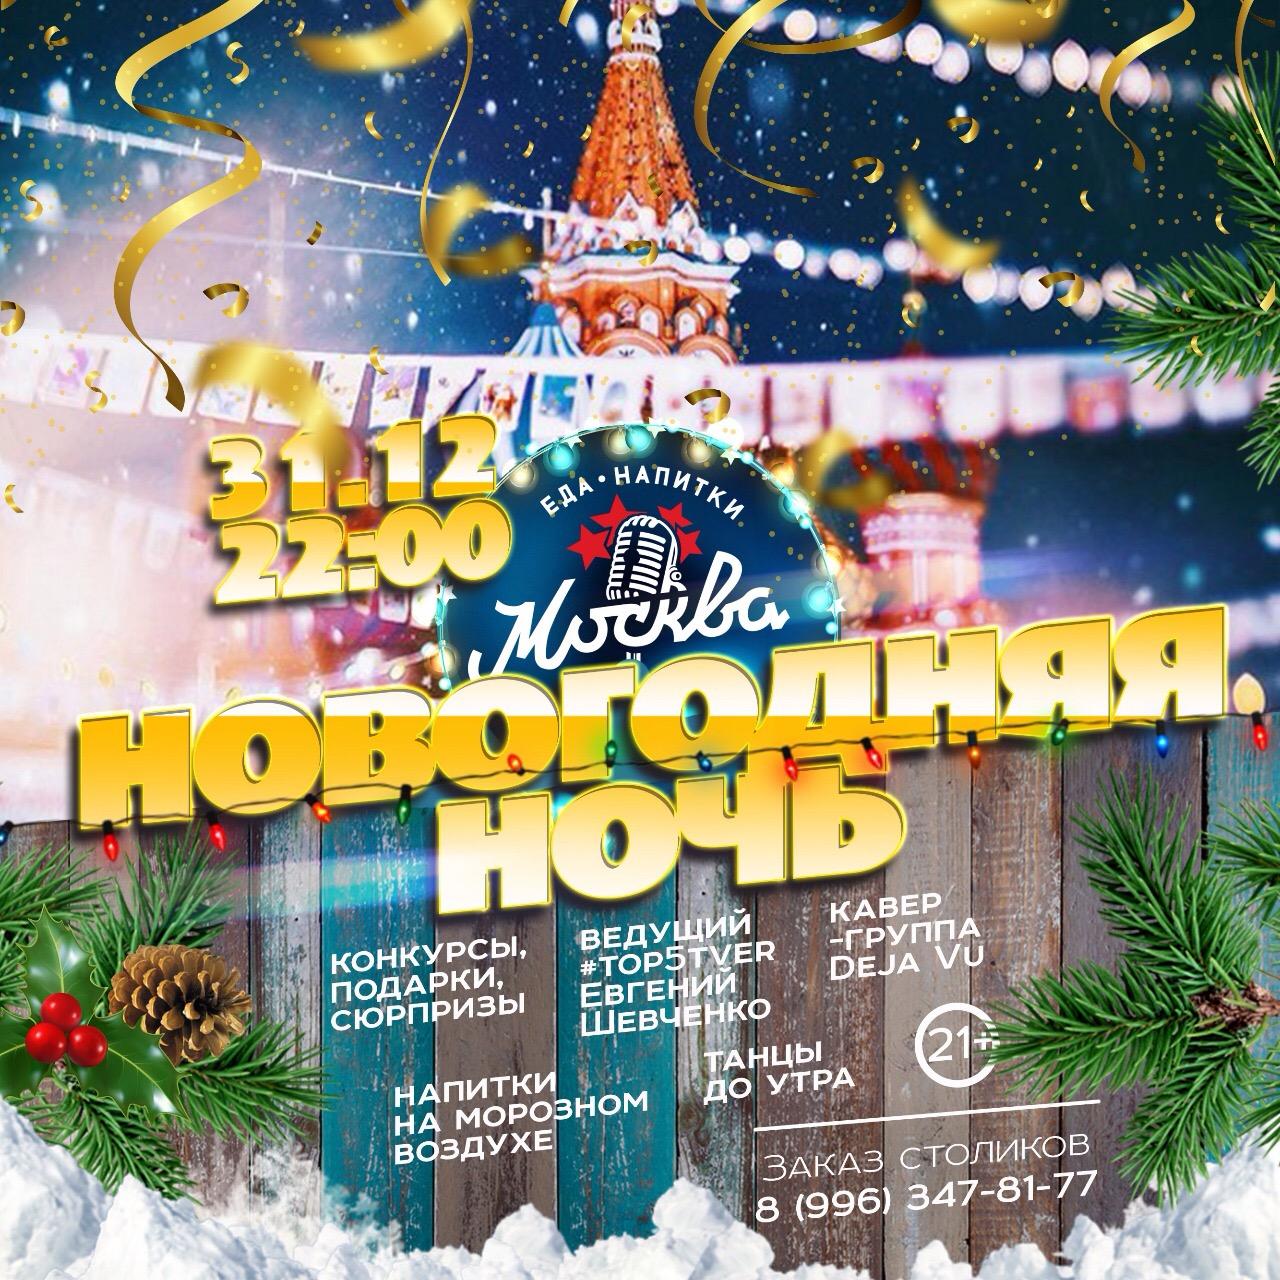 Новогодняя ночь в ресторанах Москвы 2018